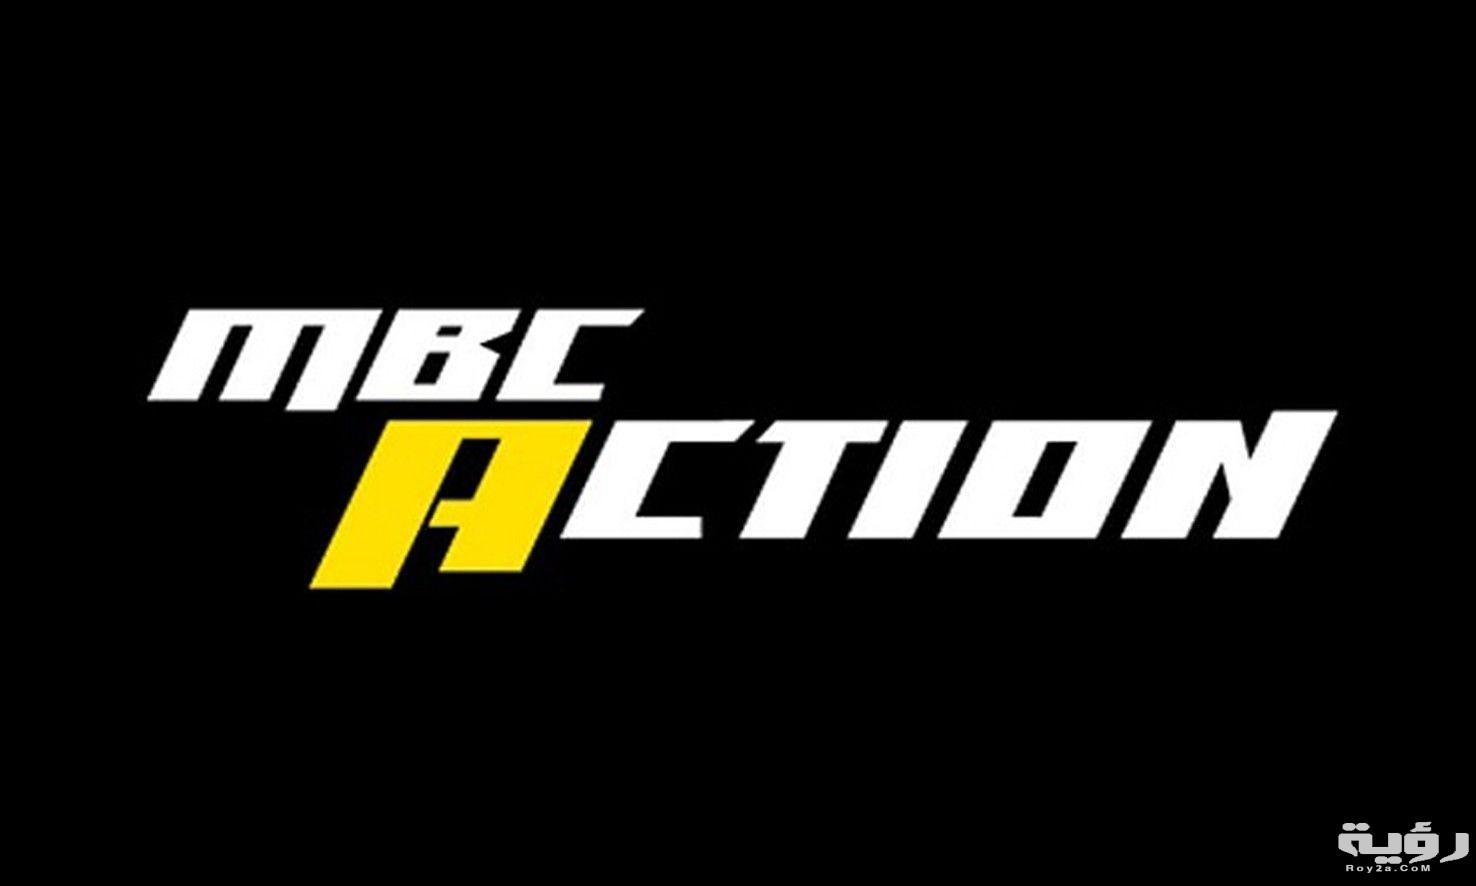 تردد قناة إم بي سي أكشن Mbc Action الجديد 2021 موقع رؤية